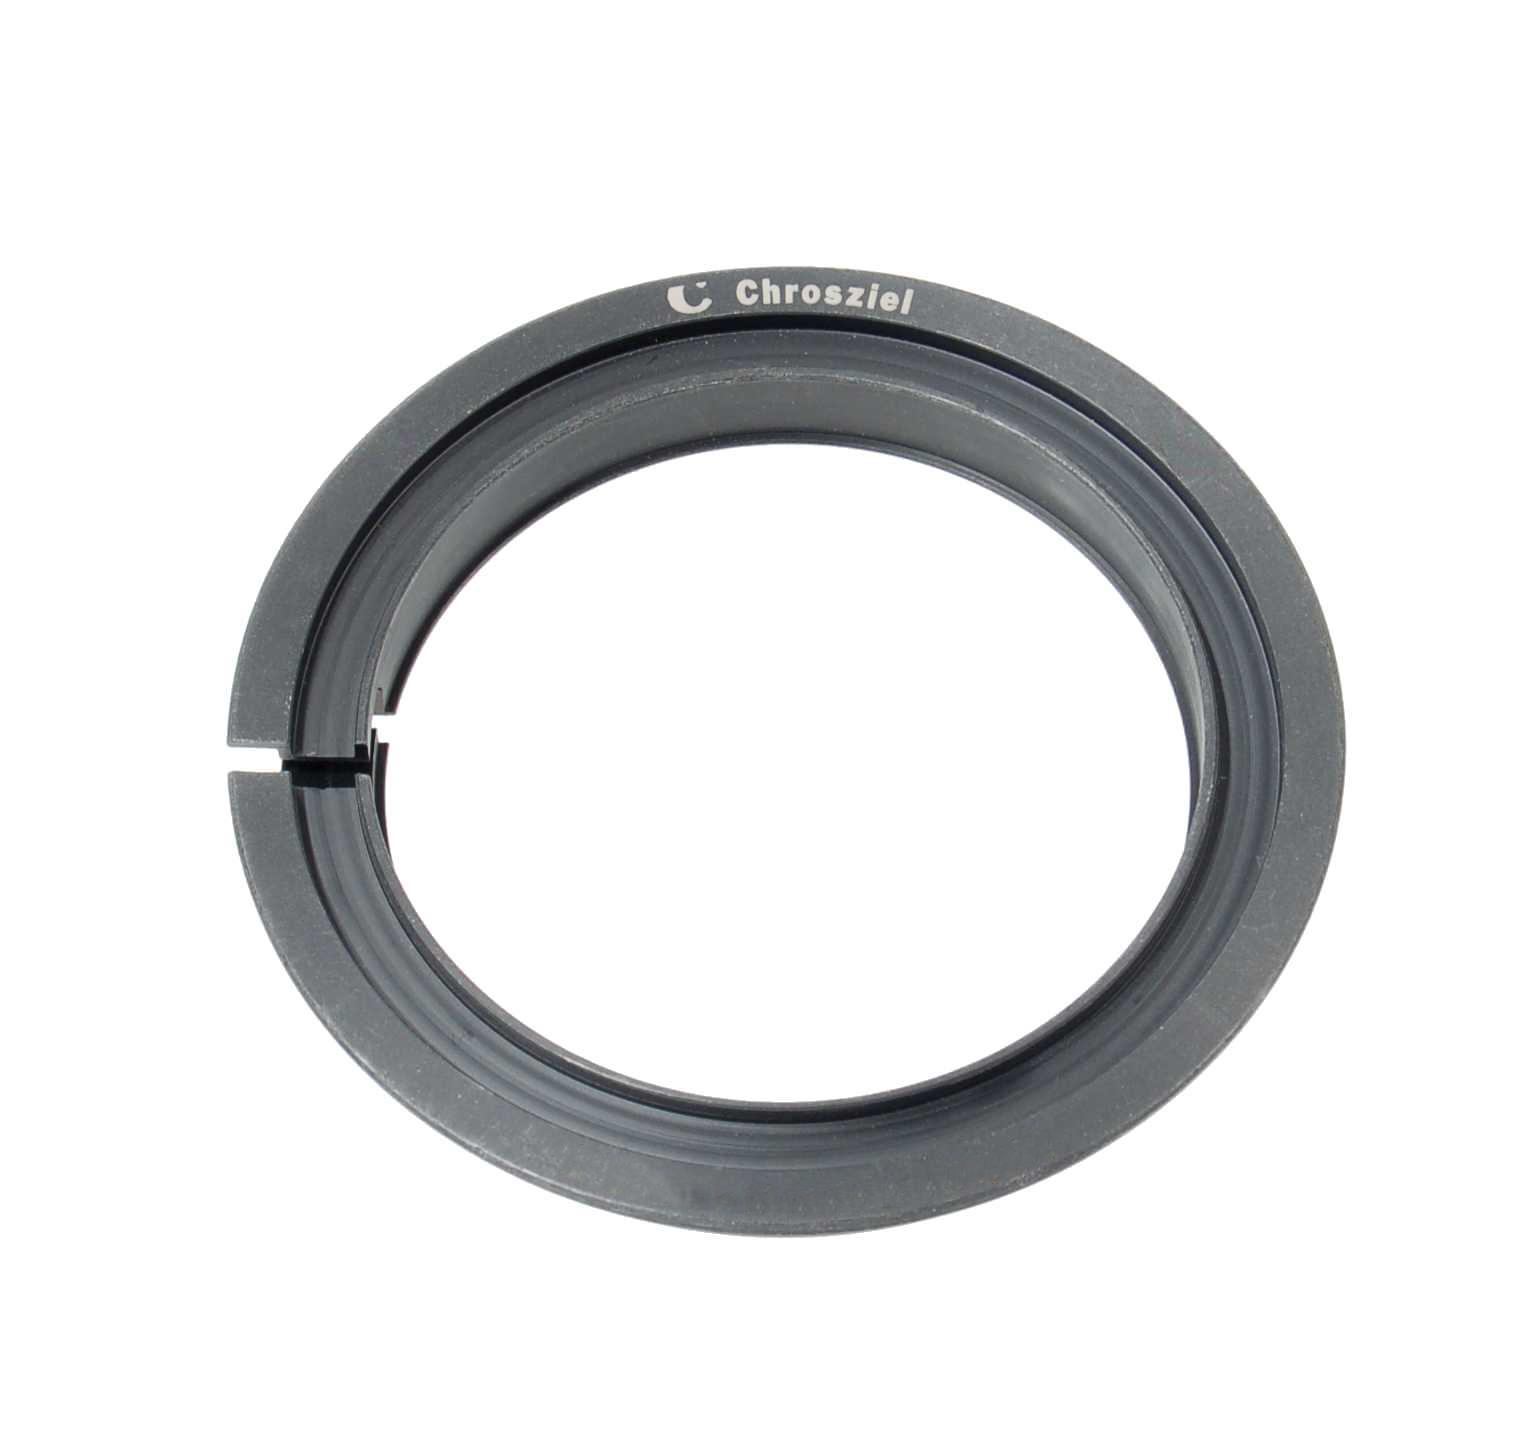 Step-down Ring Ø 104:83 mm